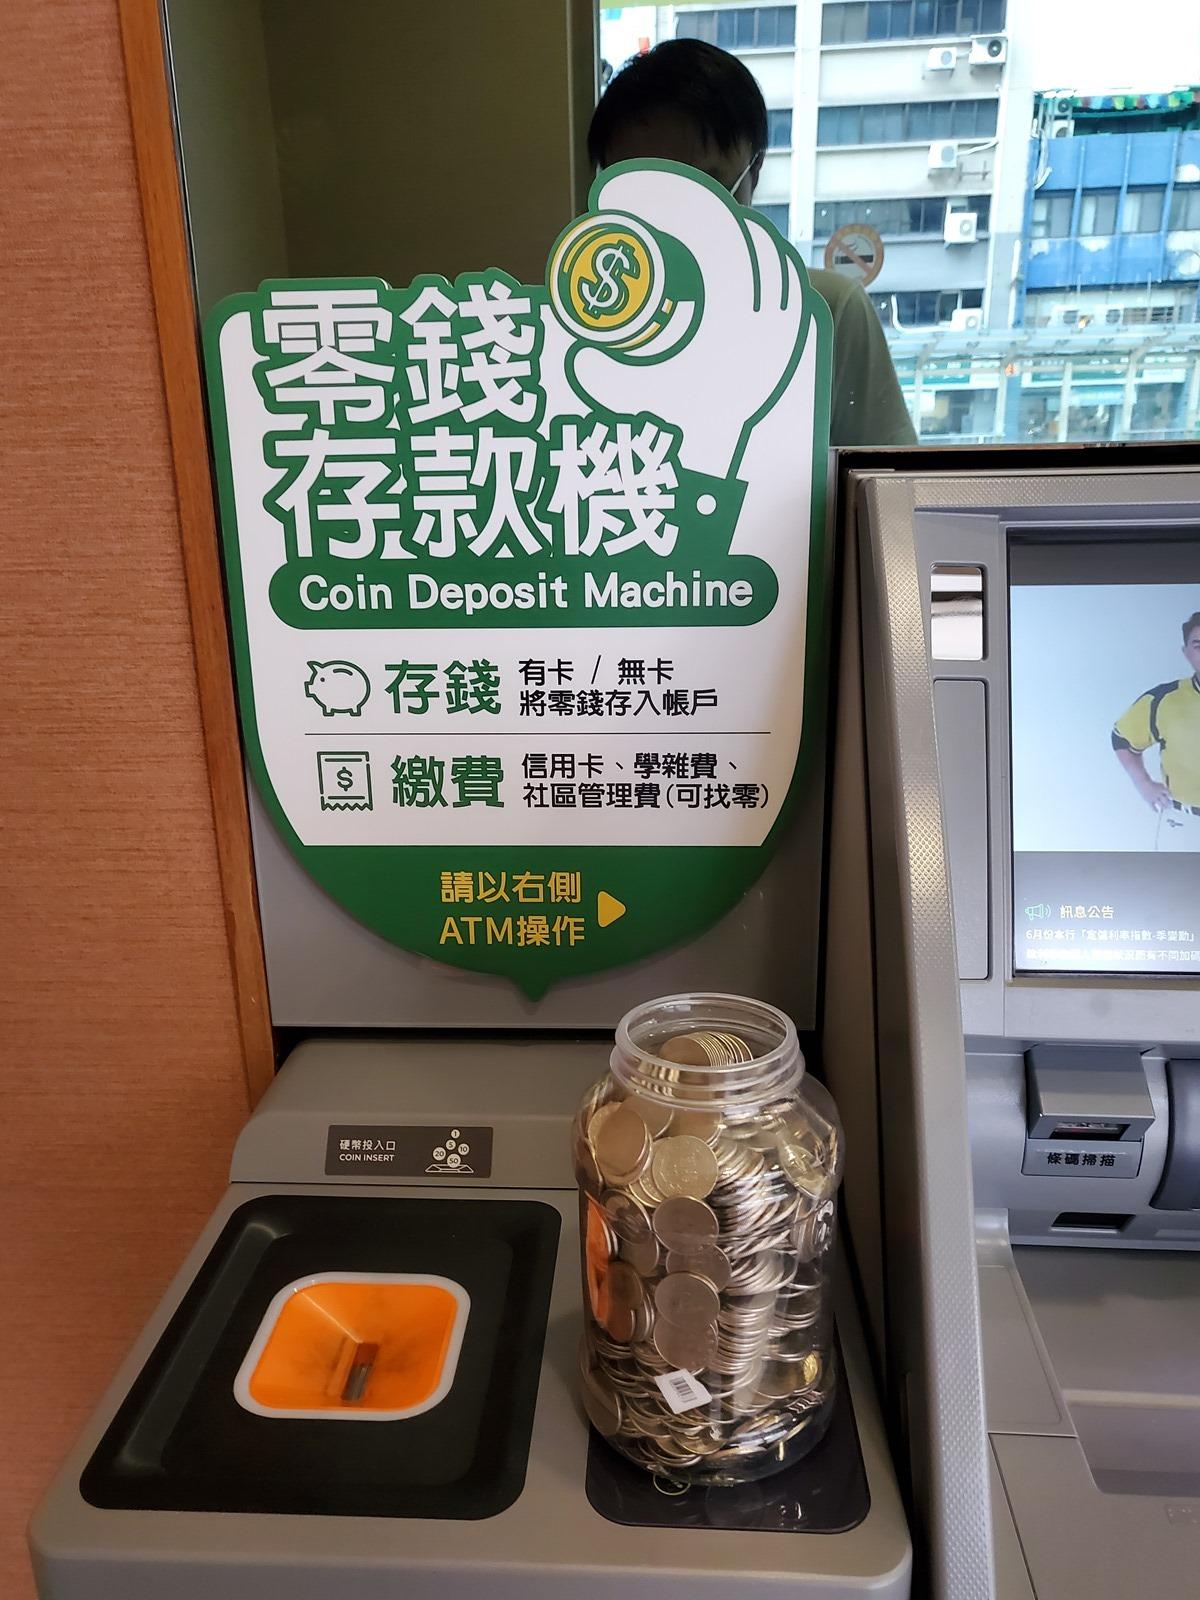 有點失望的『零錢存錢機』國泰世華銀行體驗 @3C 達人廖阿輝